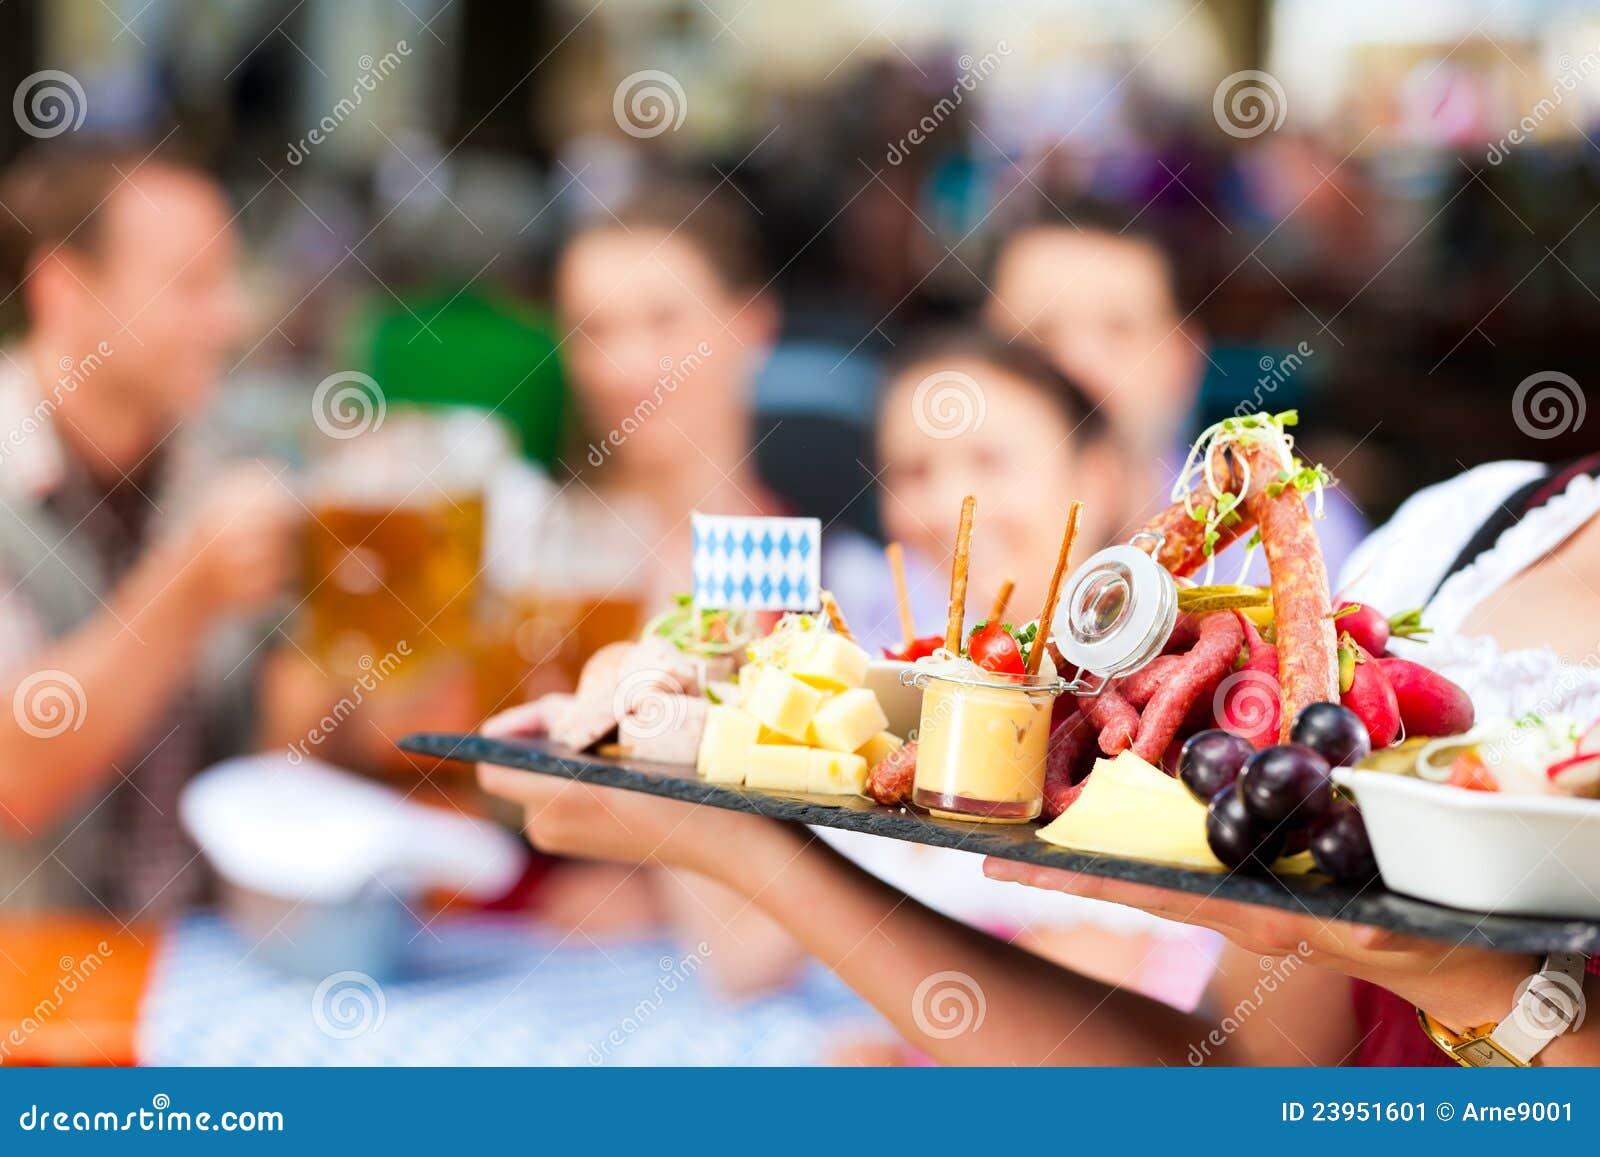 Beer Garden Restaurant Beer And Snacks Stock Image Image Of Garden Munich 23951601